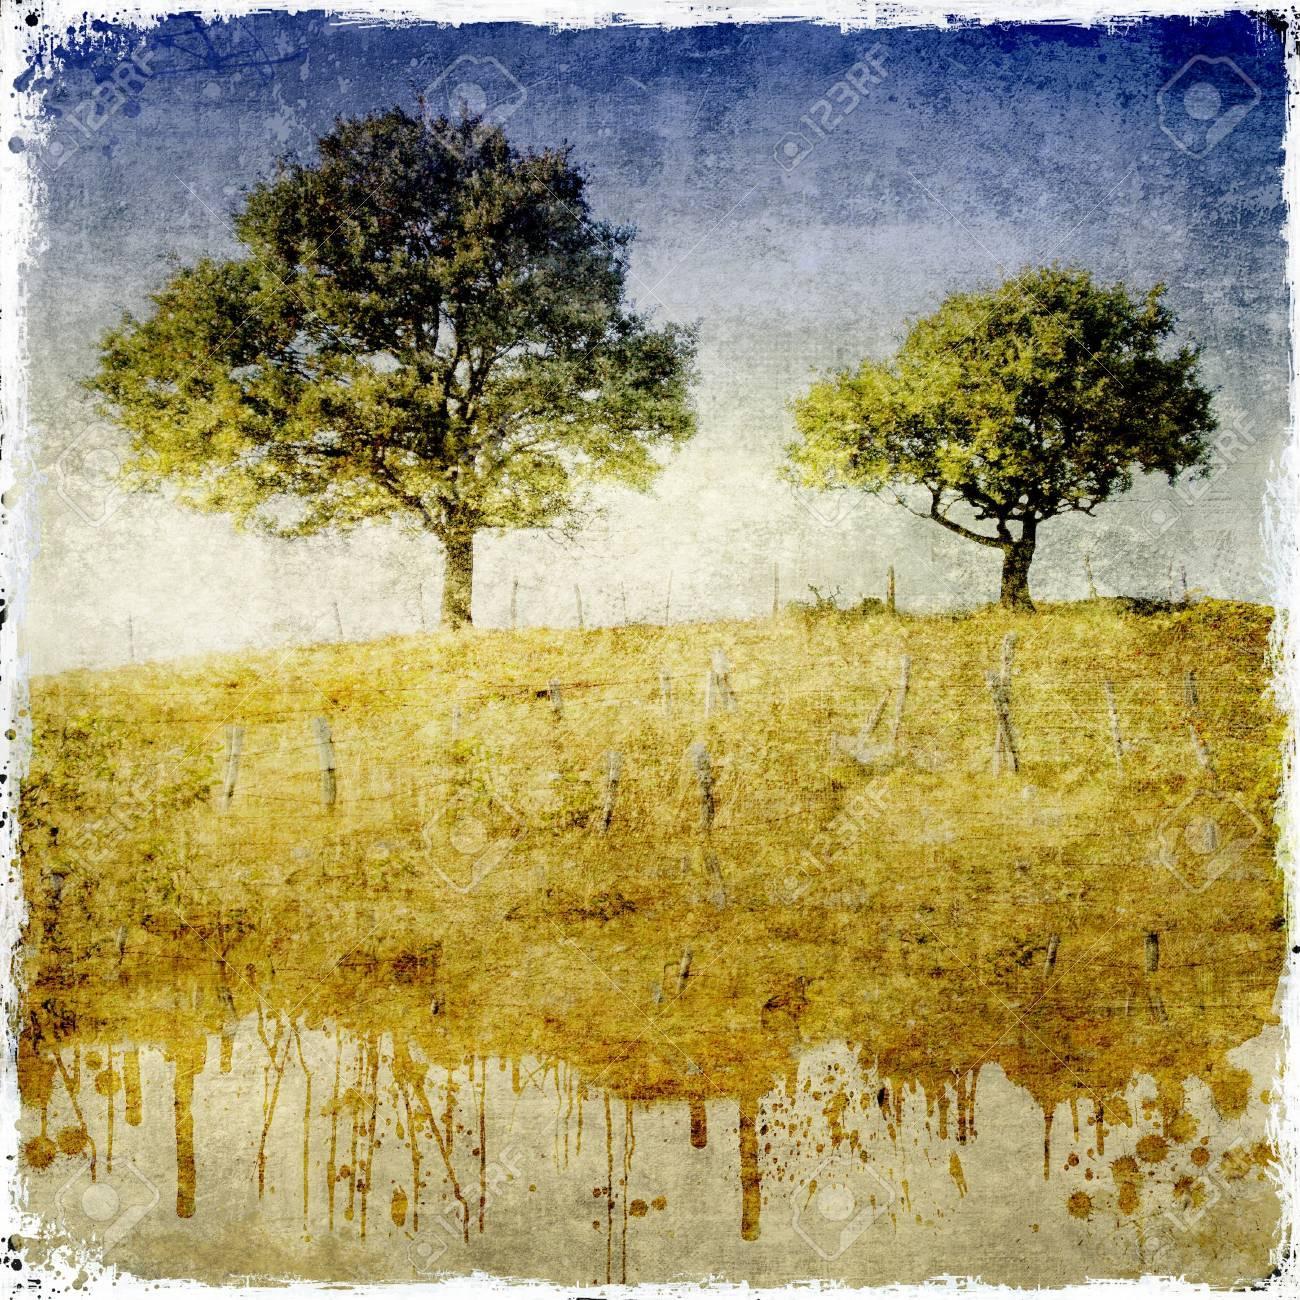 Dripping dettaglio paesaggio con due alberi Archivio Fotografico - 16251864